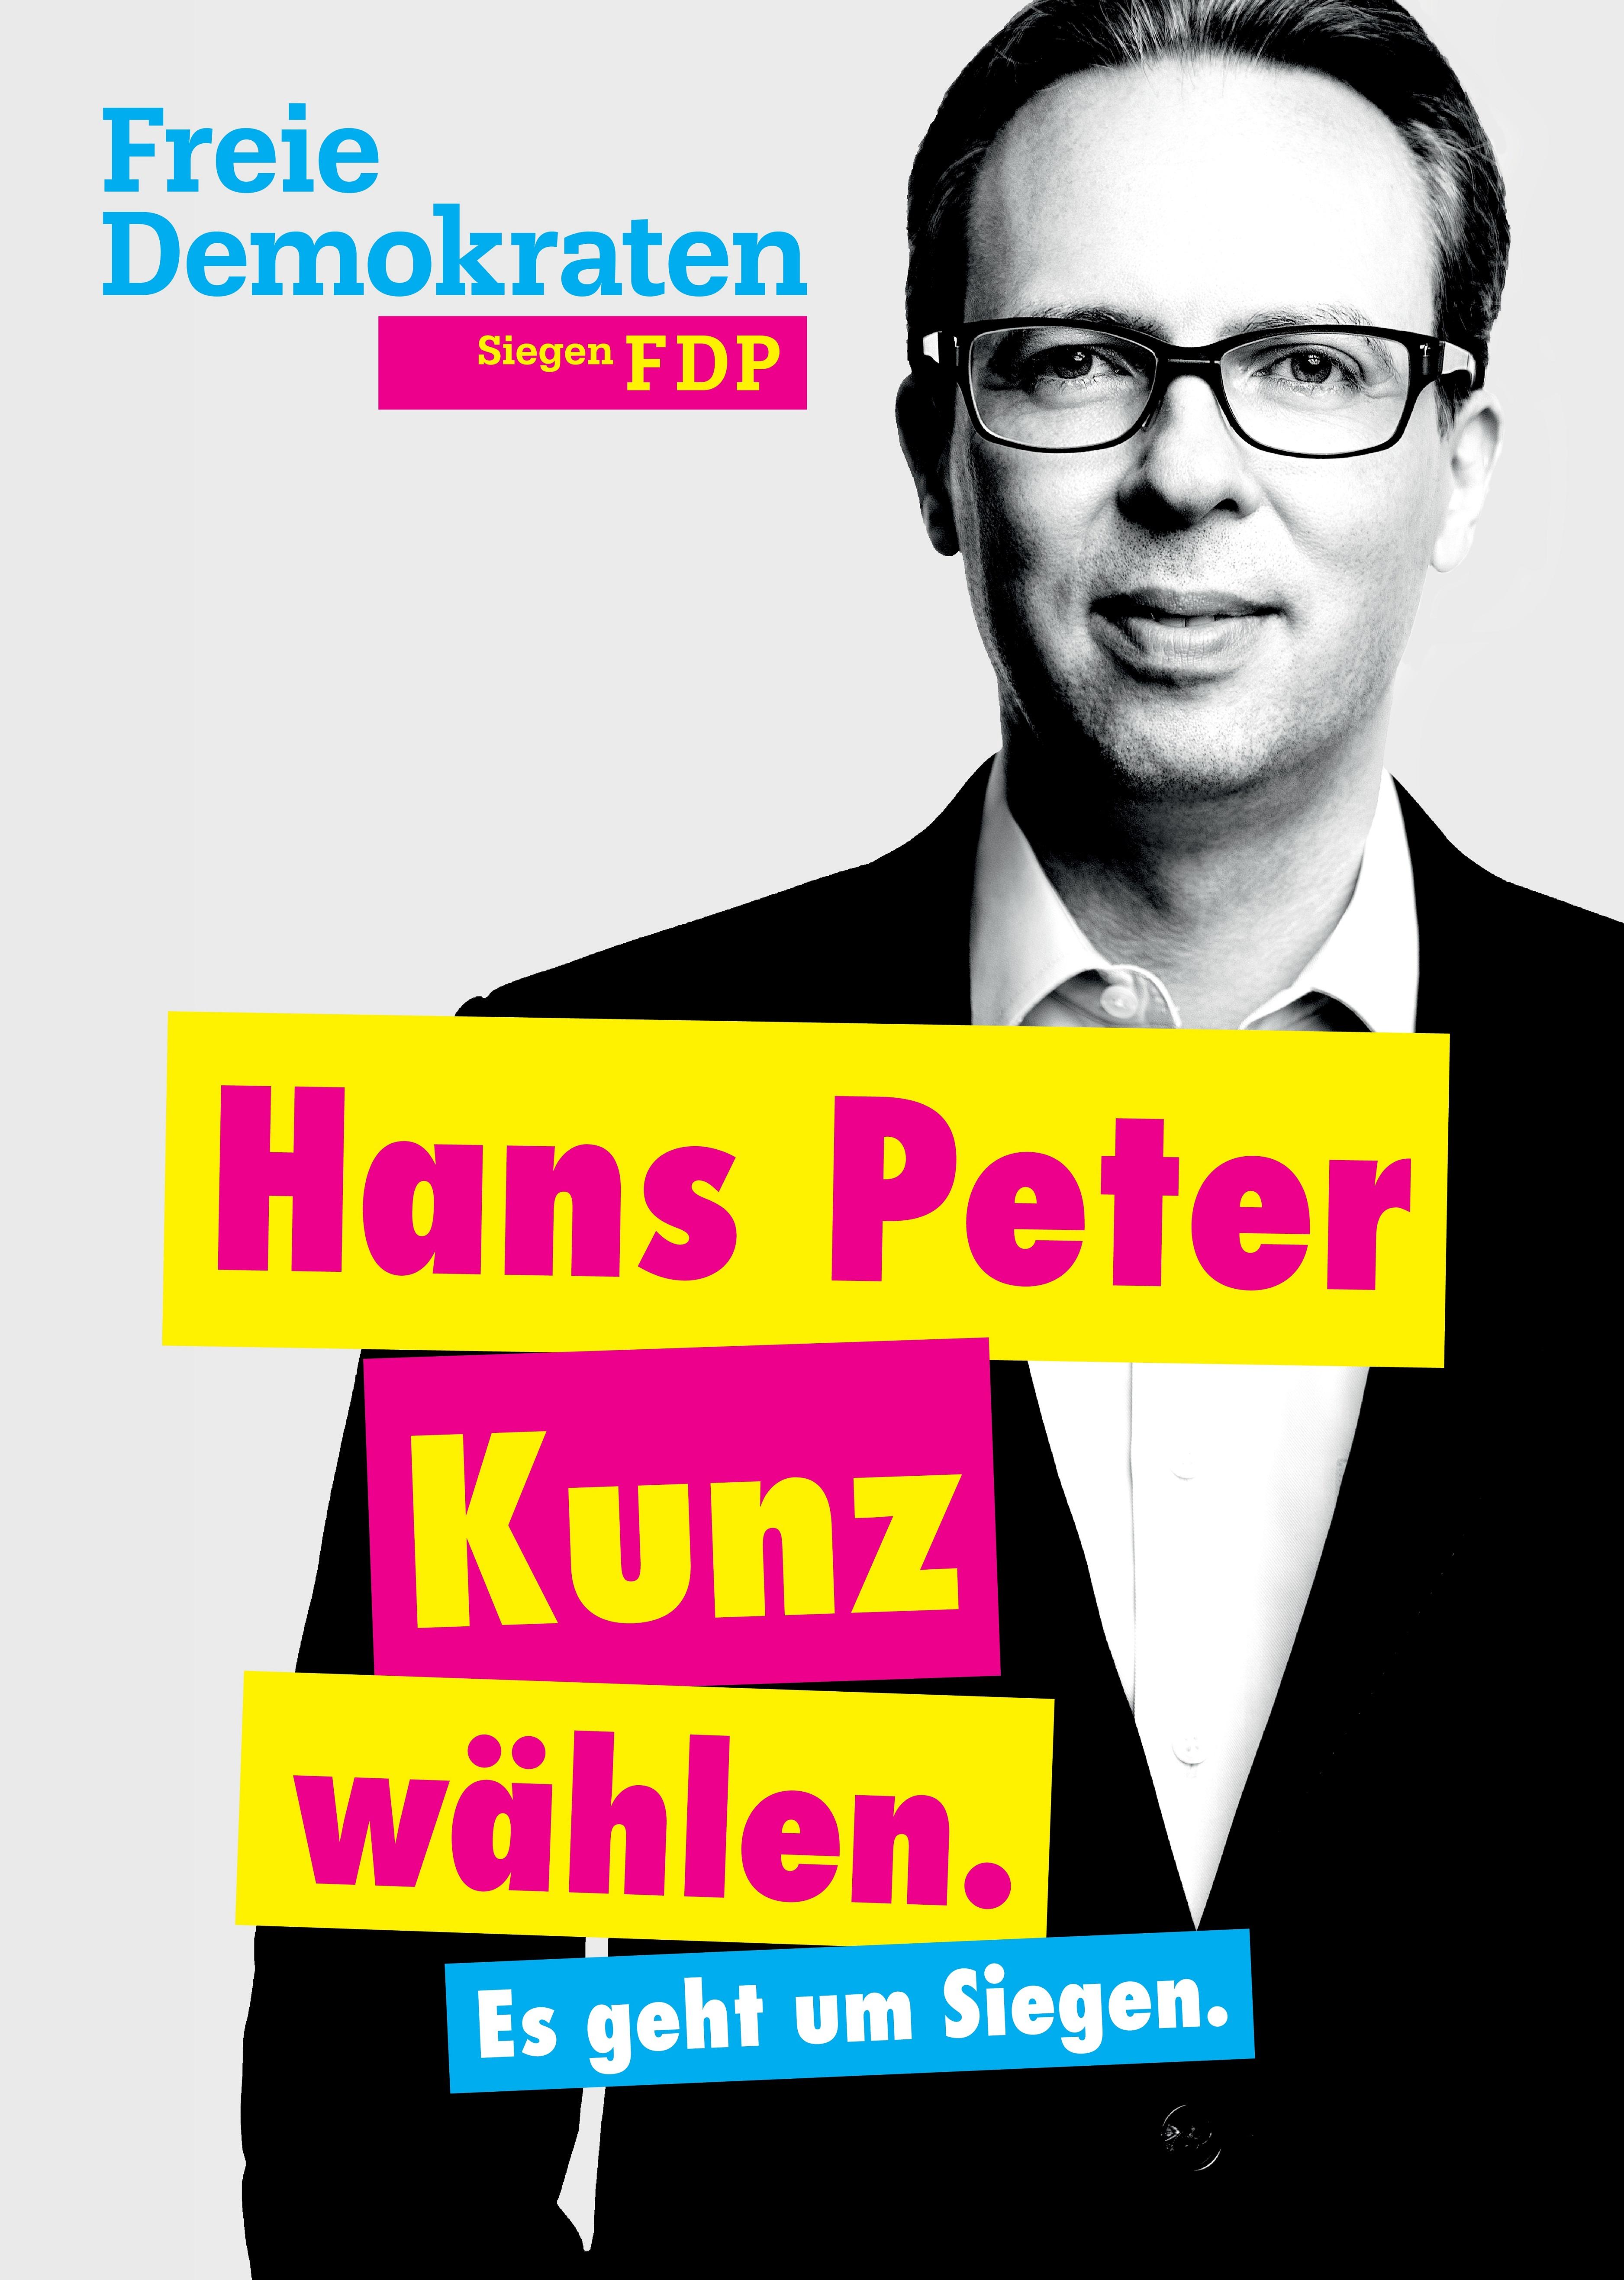 Hans Peter Kunz